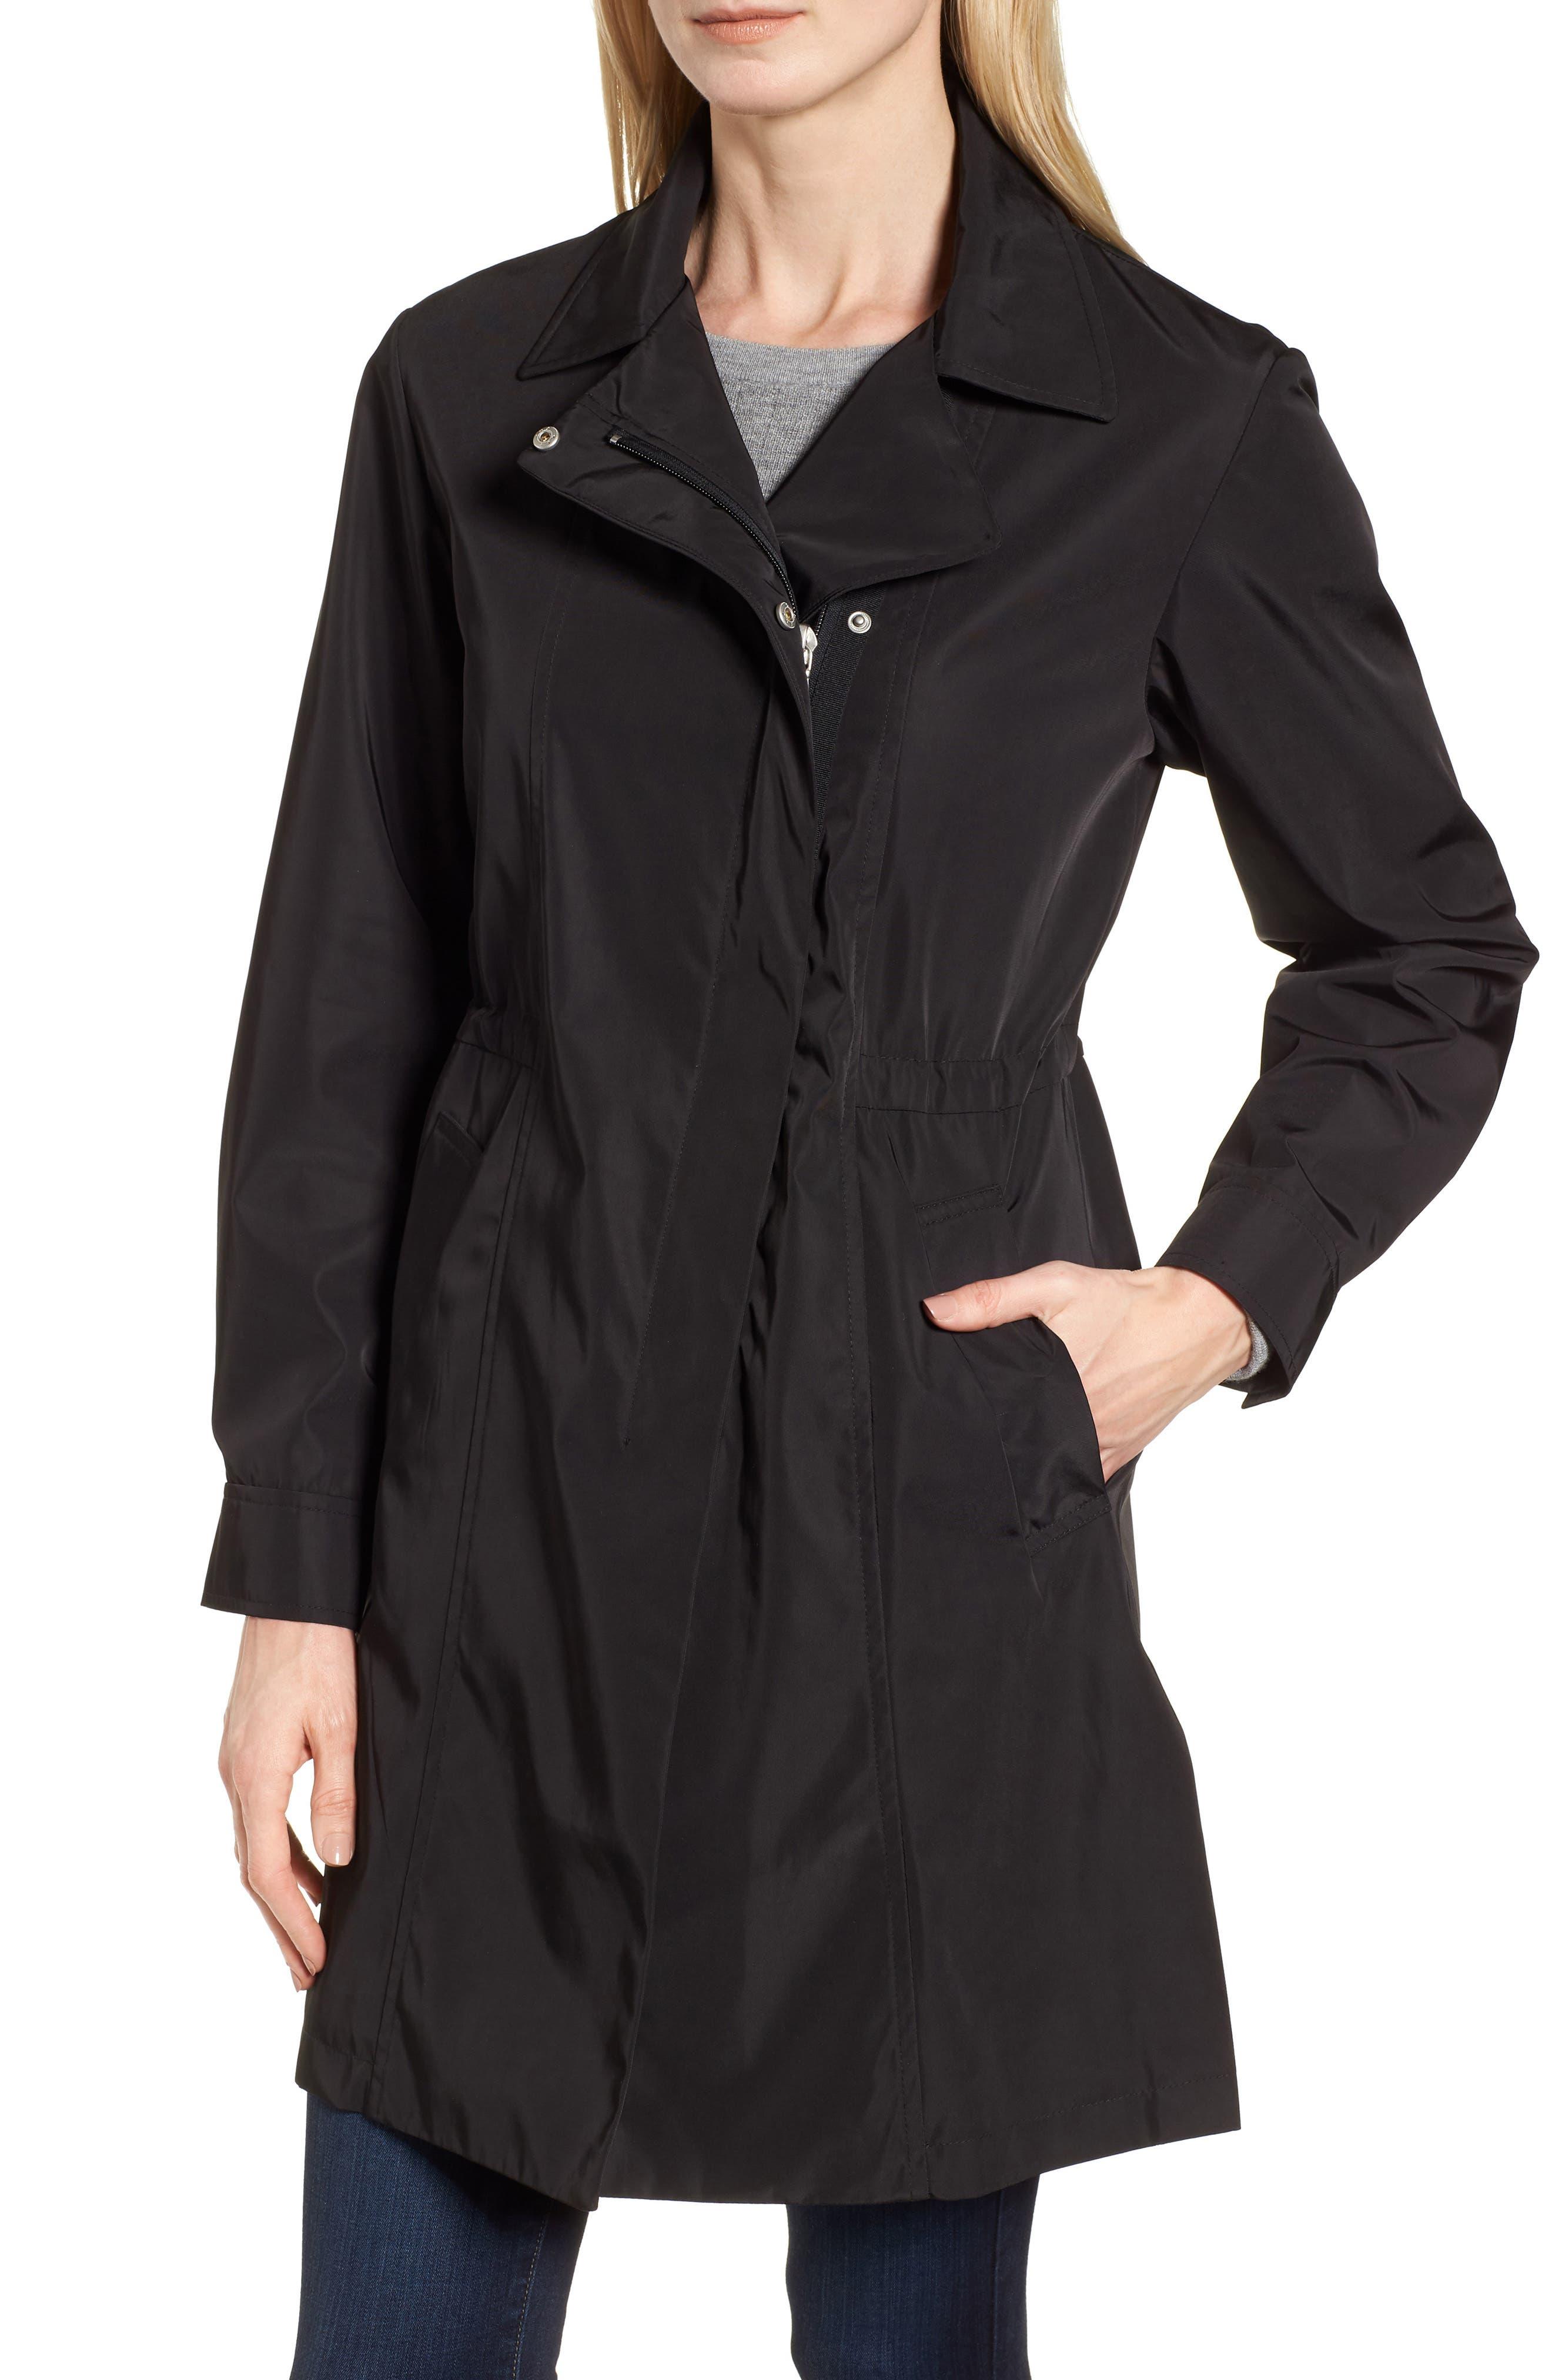 KRISTEN BLAKE, Tech Hooded Trench Coat, Alternate thumbnail 5, color, BLACK